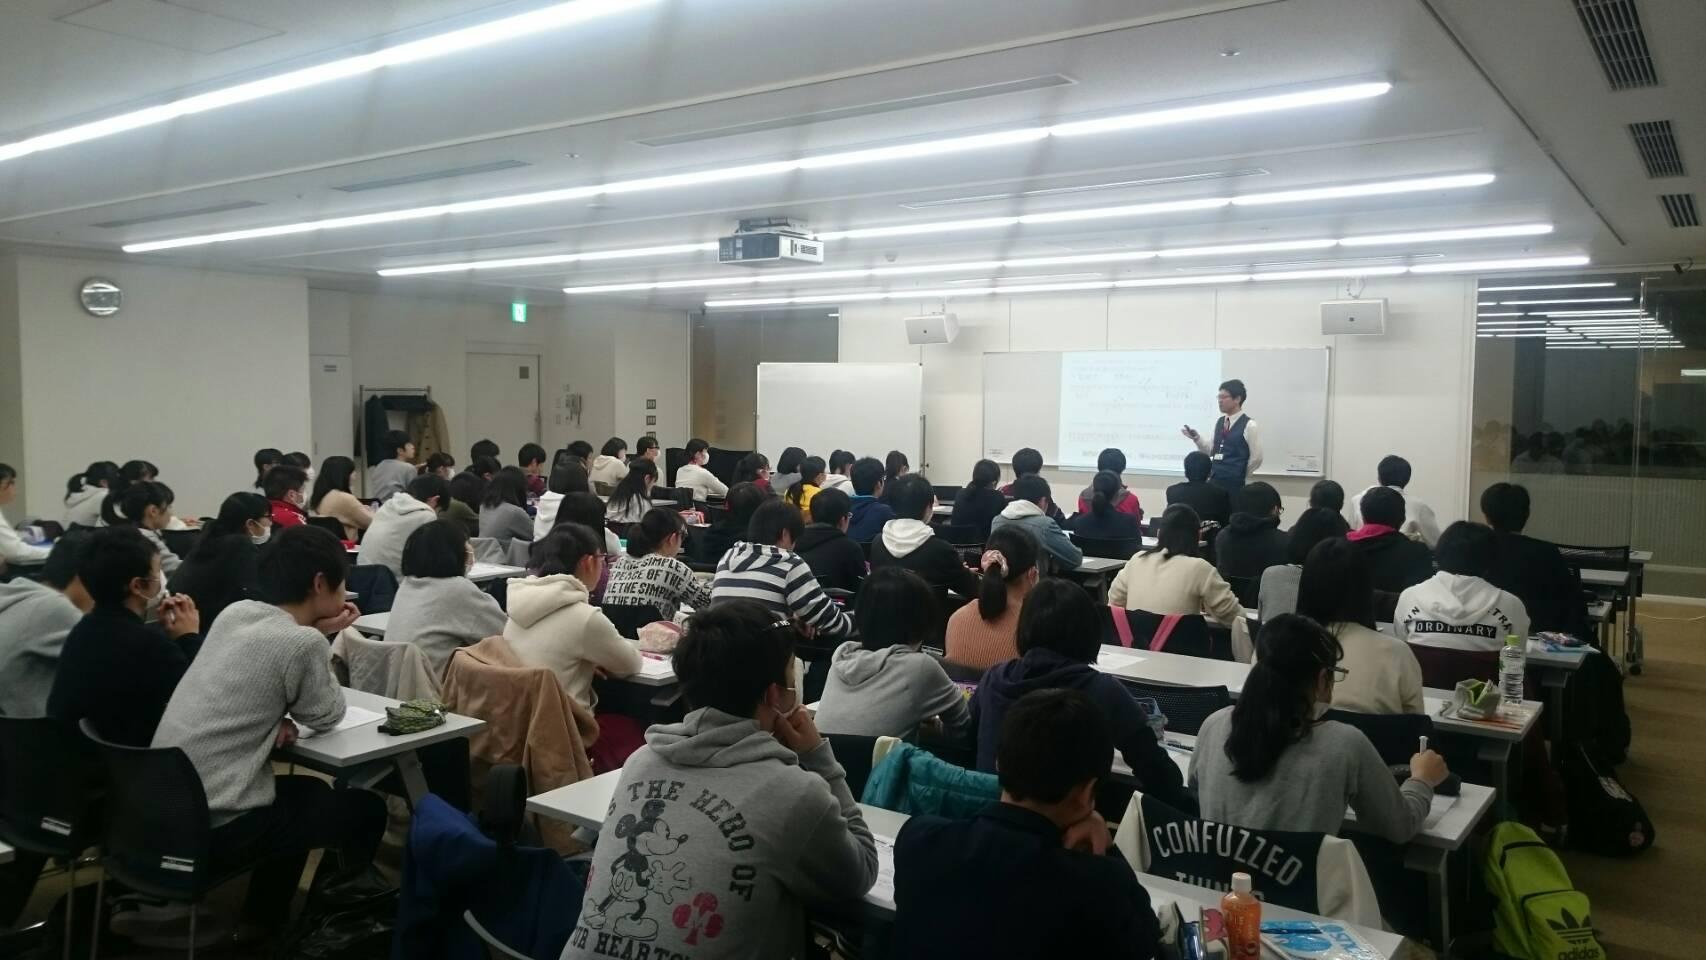 トーゼミSGクラス対象 選択問題実施校 特別対策授業を実施!